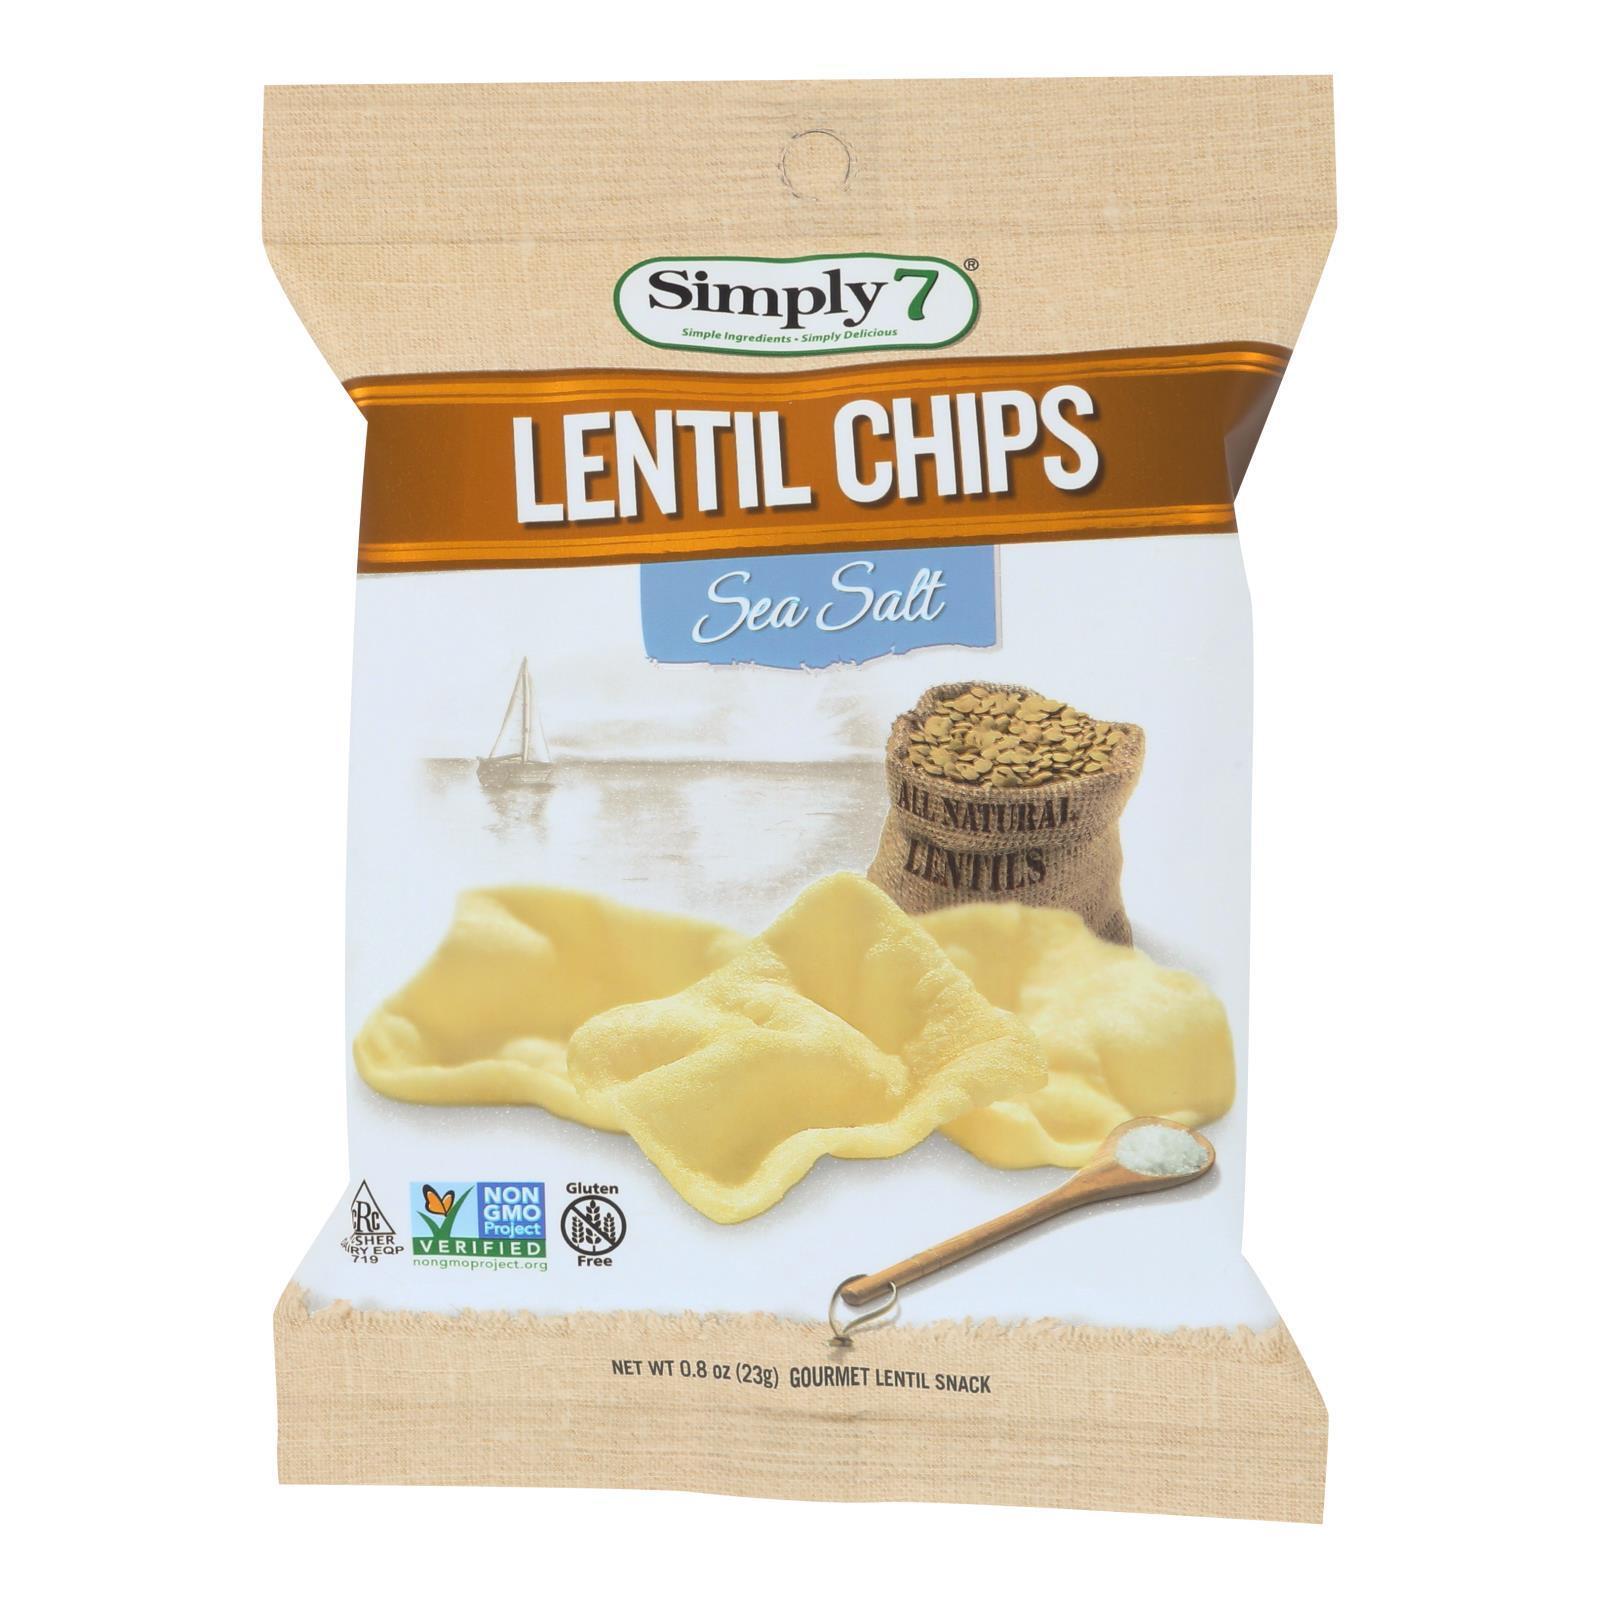 Simply 7 Lentil Chips - Sea Salt - Case of 24 - 0.8 oz.